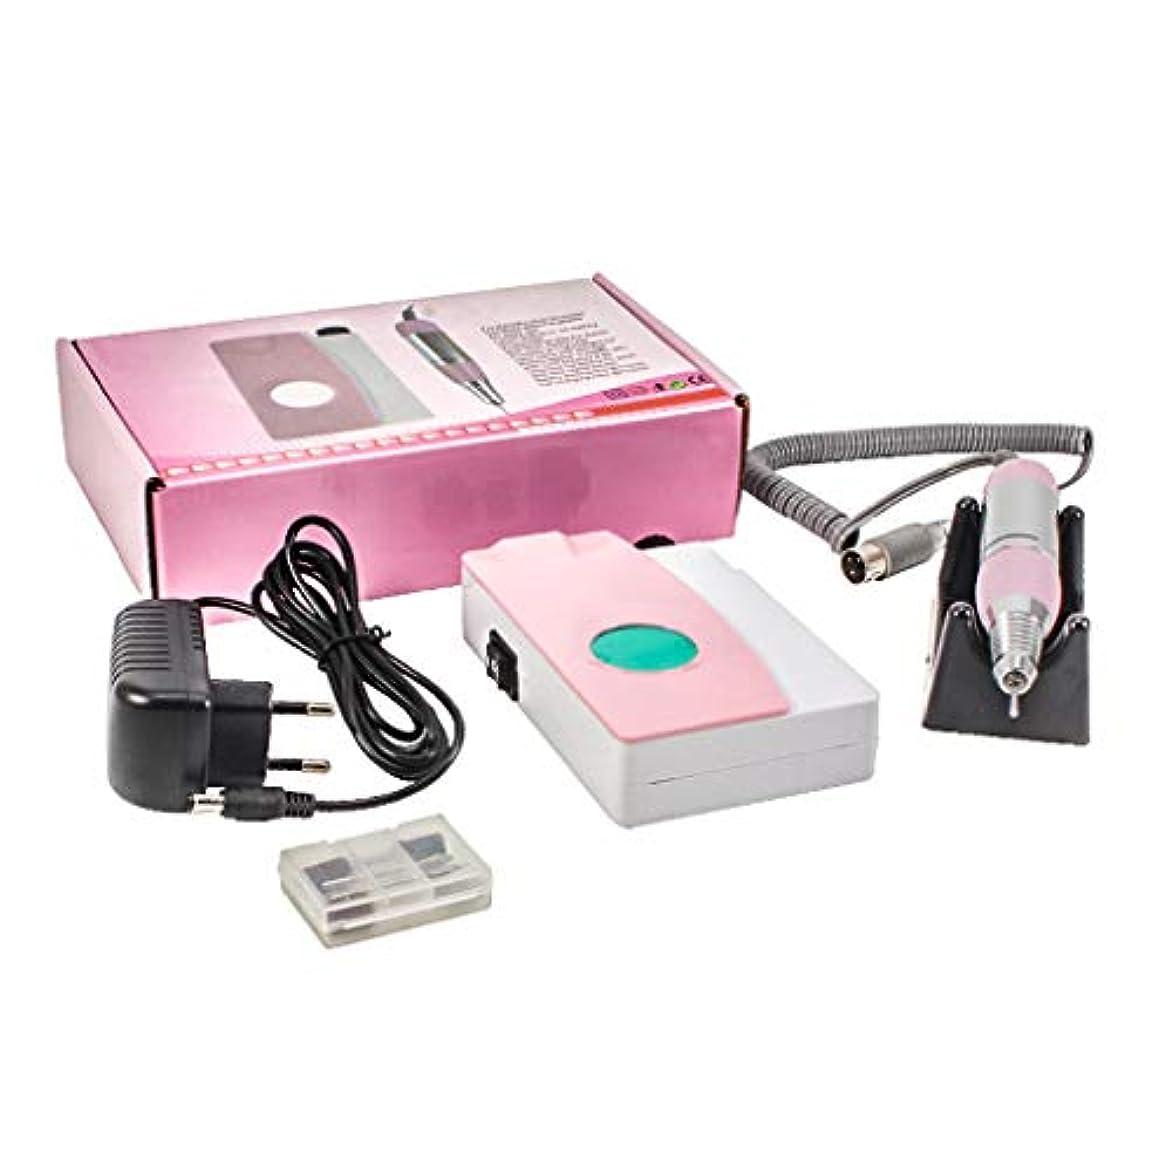 トライアスリート鋸歯状ハング電気ネイルファイルドリルマシン、ディスプレイスクリーン、ポータブルコードレス12Vのドリルビット付き充電式研磨機、プロ用または家庭用ネイルアート機器25000 RPM